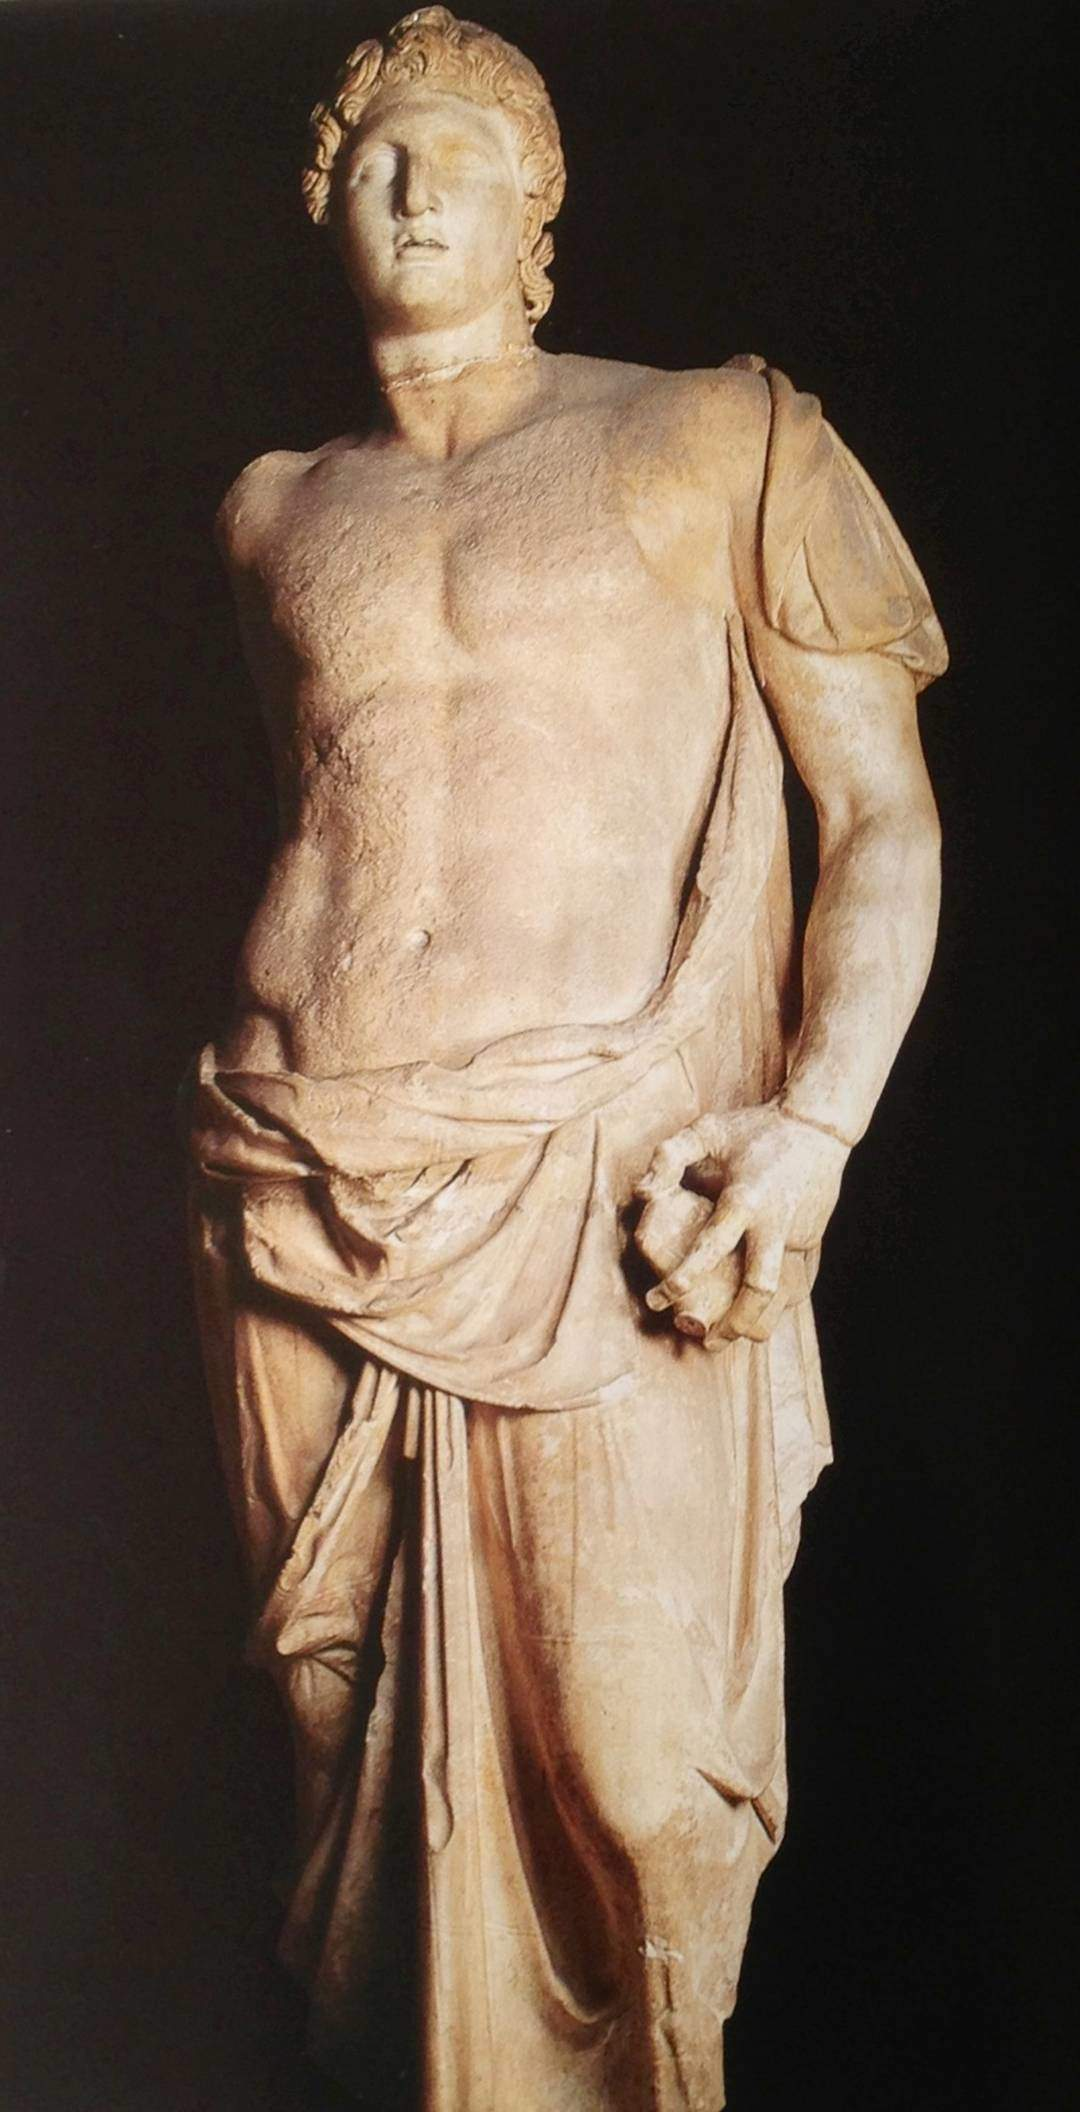 """Büyük İskender. Manisa'da bulunmuş bu mermer heykel MÖ 3. yüzyıl ortasına tarihleniyor. Yüksekliği 190 cm. Heykel en iyi kalite beyaz mermerden yapılmış. Başı ise farklı bir bloktan işlenmiş. Baş kısmında bir sıra halinde yer alan çukurlar, yapıldığında metal bir tacı olduğunu gösteriyor. Sol eliyle bir kılıcın kabzasını tuttuğu görülürken, sağ elinde bronz bir mızrak tuttuğu düşünülüyor. Bu silahlar olmasa, kolaylıkla bir Apollo heykeli olabilir. Hülyalı bakış, hafif aralık dudaklar Helenistik dönemde ve Pergamon heykel sanatında tanrıların, özellikle de Apollo'nun tipik  betimleniş şeklidir. Dünyadaki pek çok müzede yer alan Büyük İskender heykellerinden farkı imzalı olması. Sanatçı, """"Aias'ın oğlu, Pergamonlu Menas'ın eseridir"""" diye yazmış. İstanbul Arkeoloji Müzeleri."""